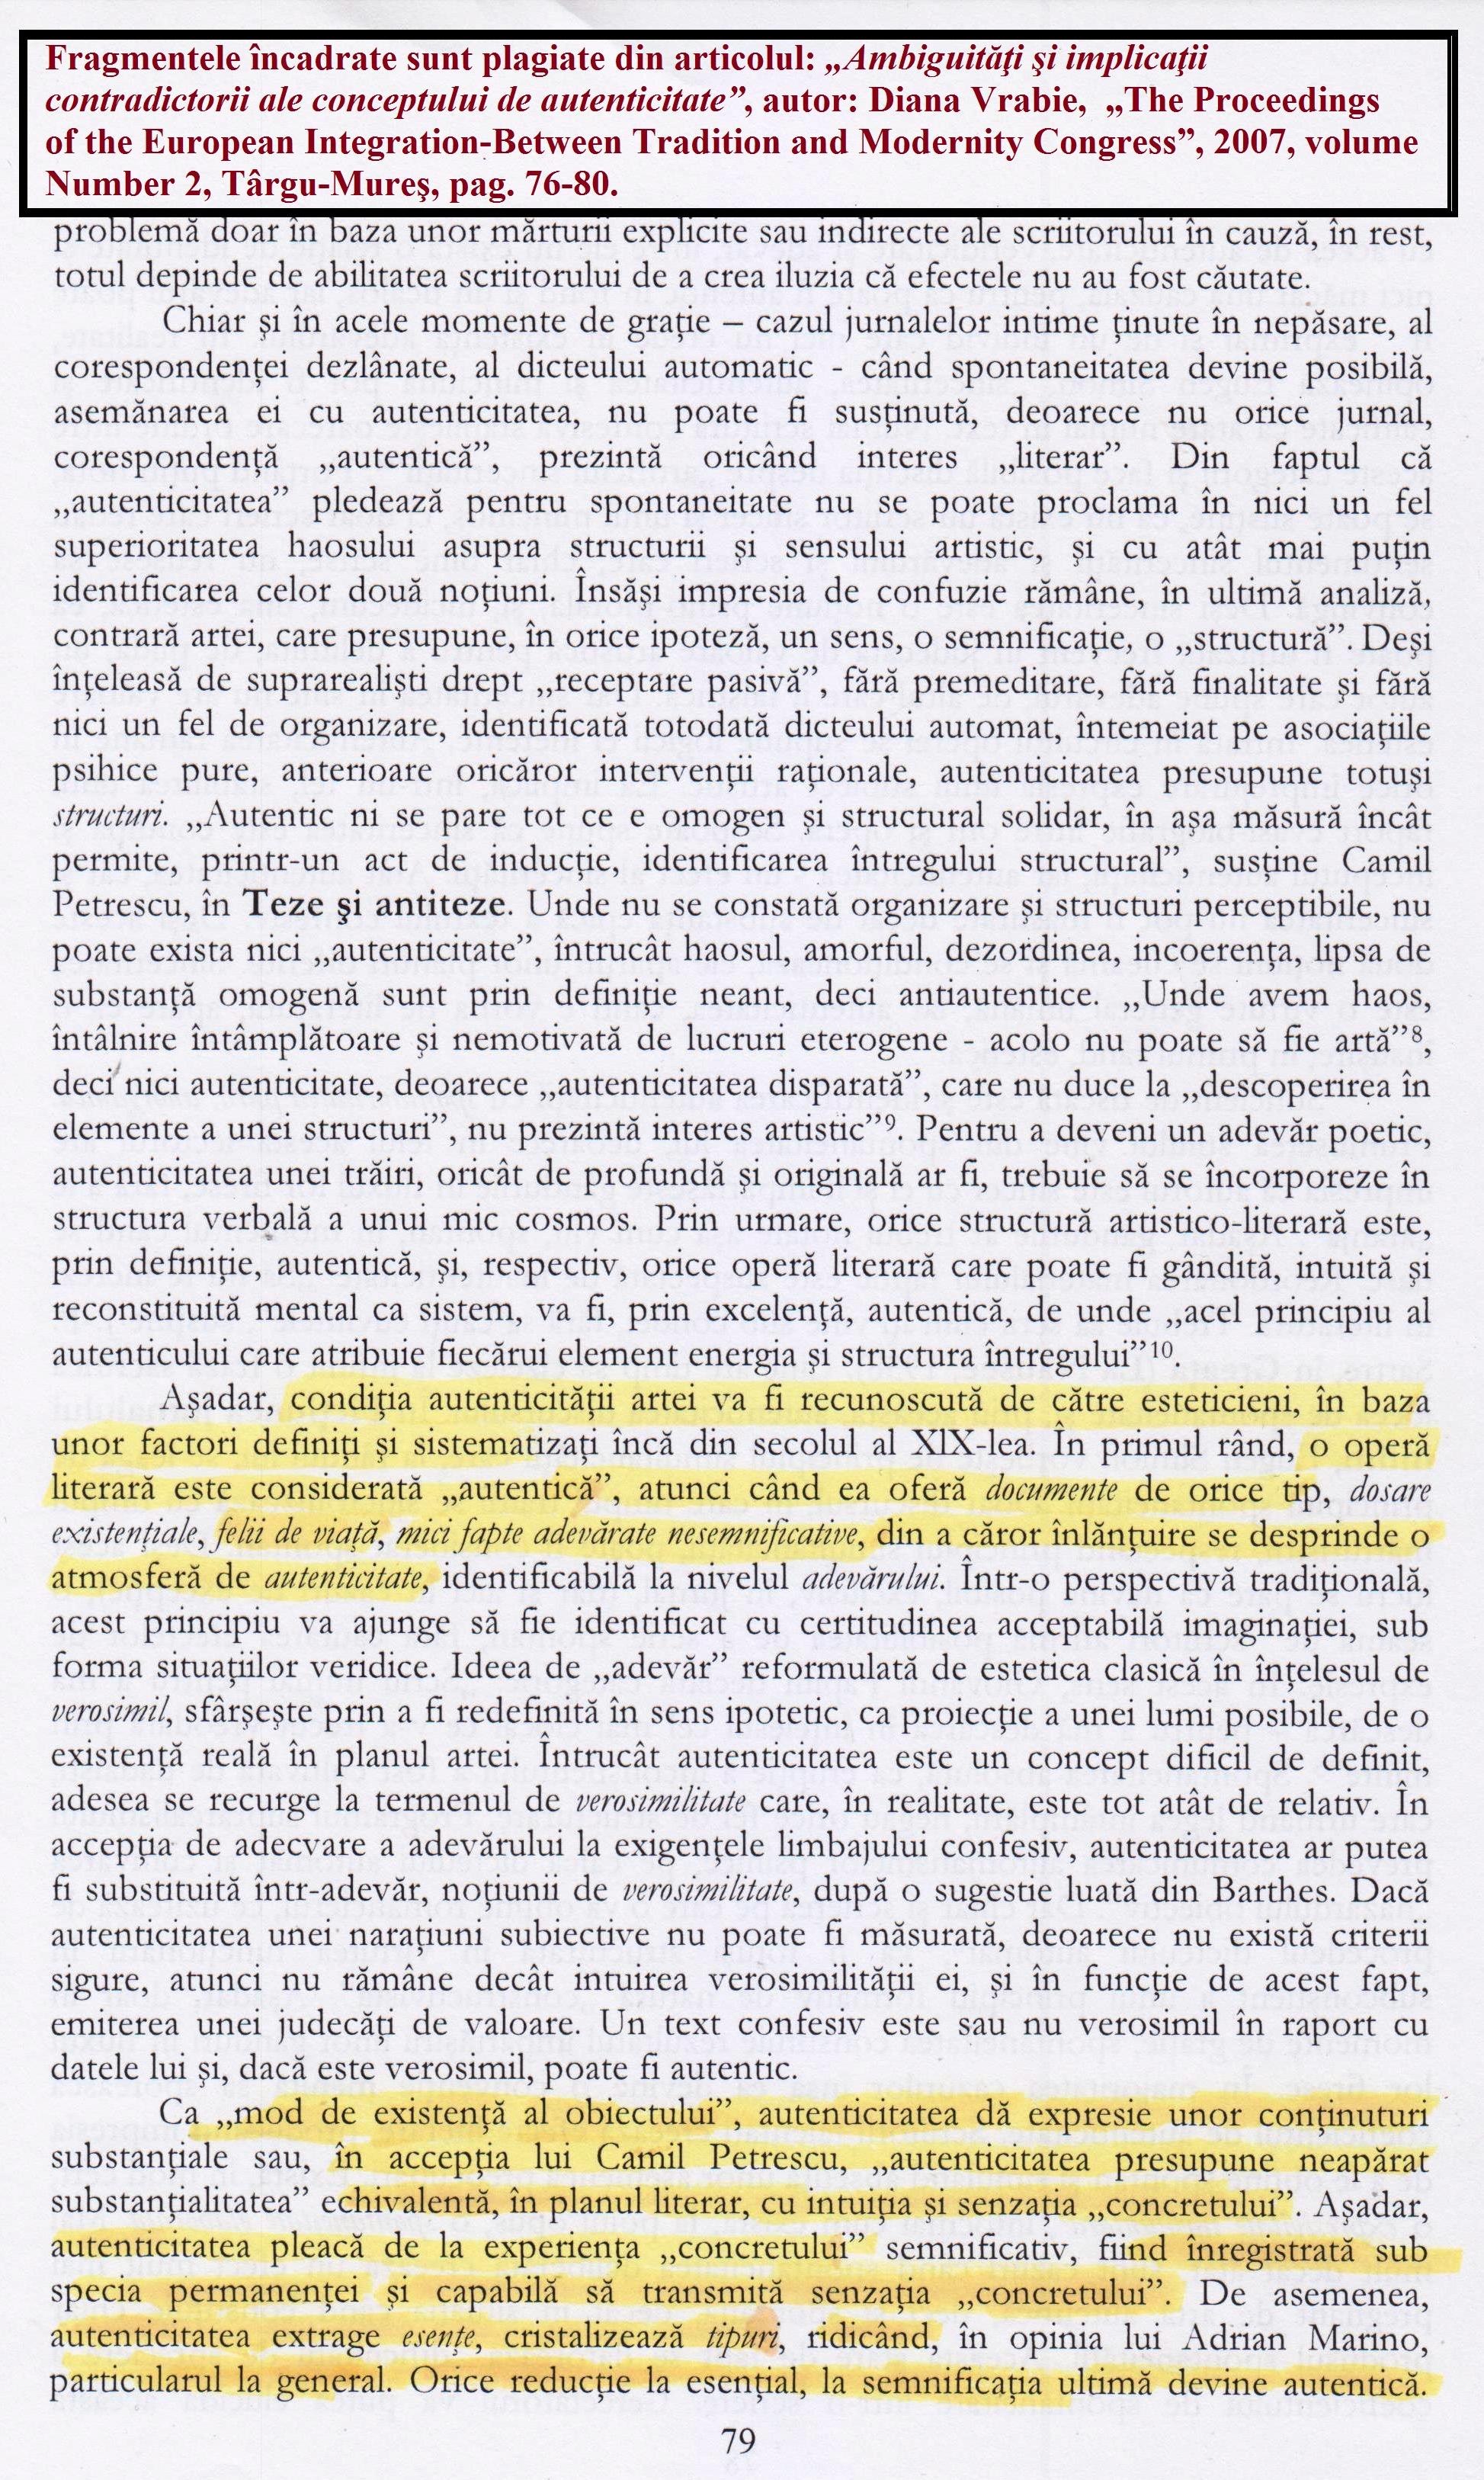 """Fragmentele incadrate sunt plagiate din articolul """"Ambiguităţi şi implicaţii contradictorii ale conceptului de autenticitateˮ, autor Diana Vrabie, """"The Proceedings of the European Integration-Between Tradition and Modernity Congress"""", 2007, volume Number 2, Târgu-Mureş, pag. 76-80."""